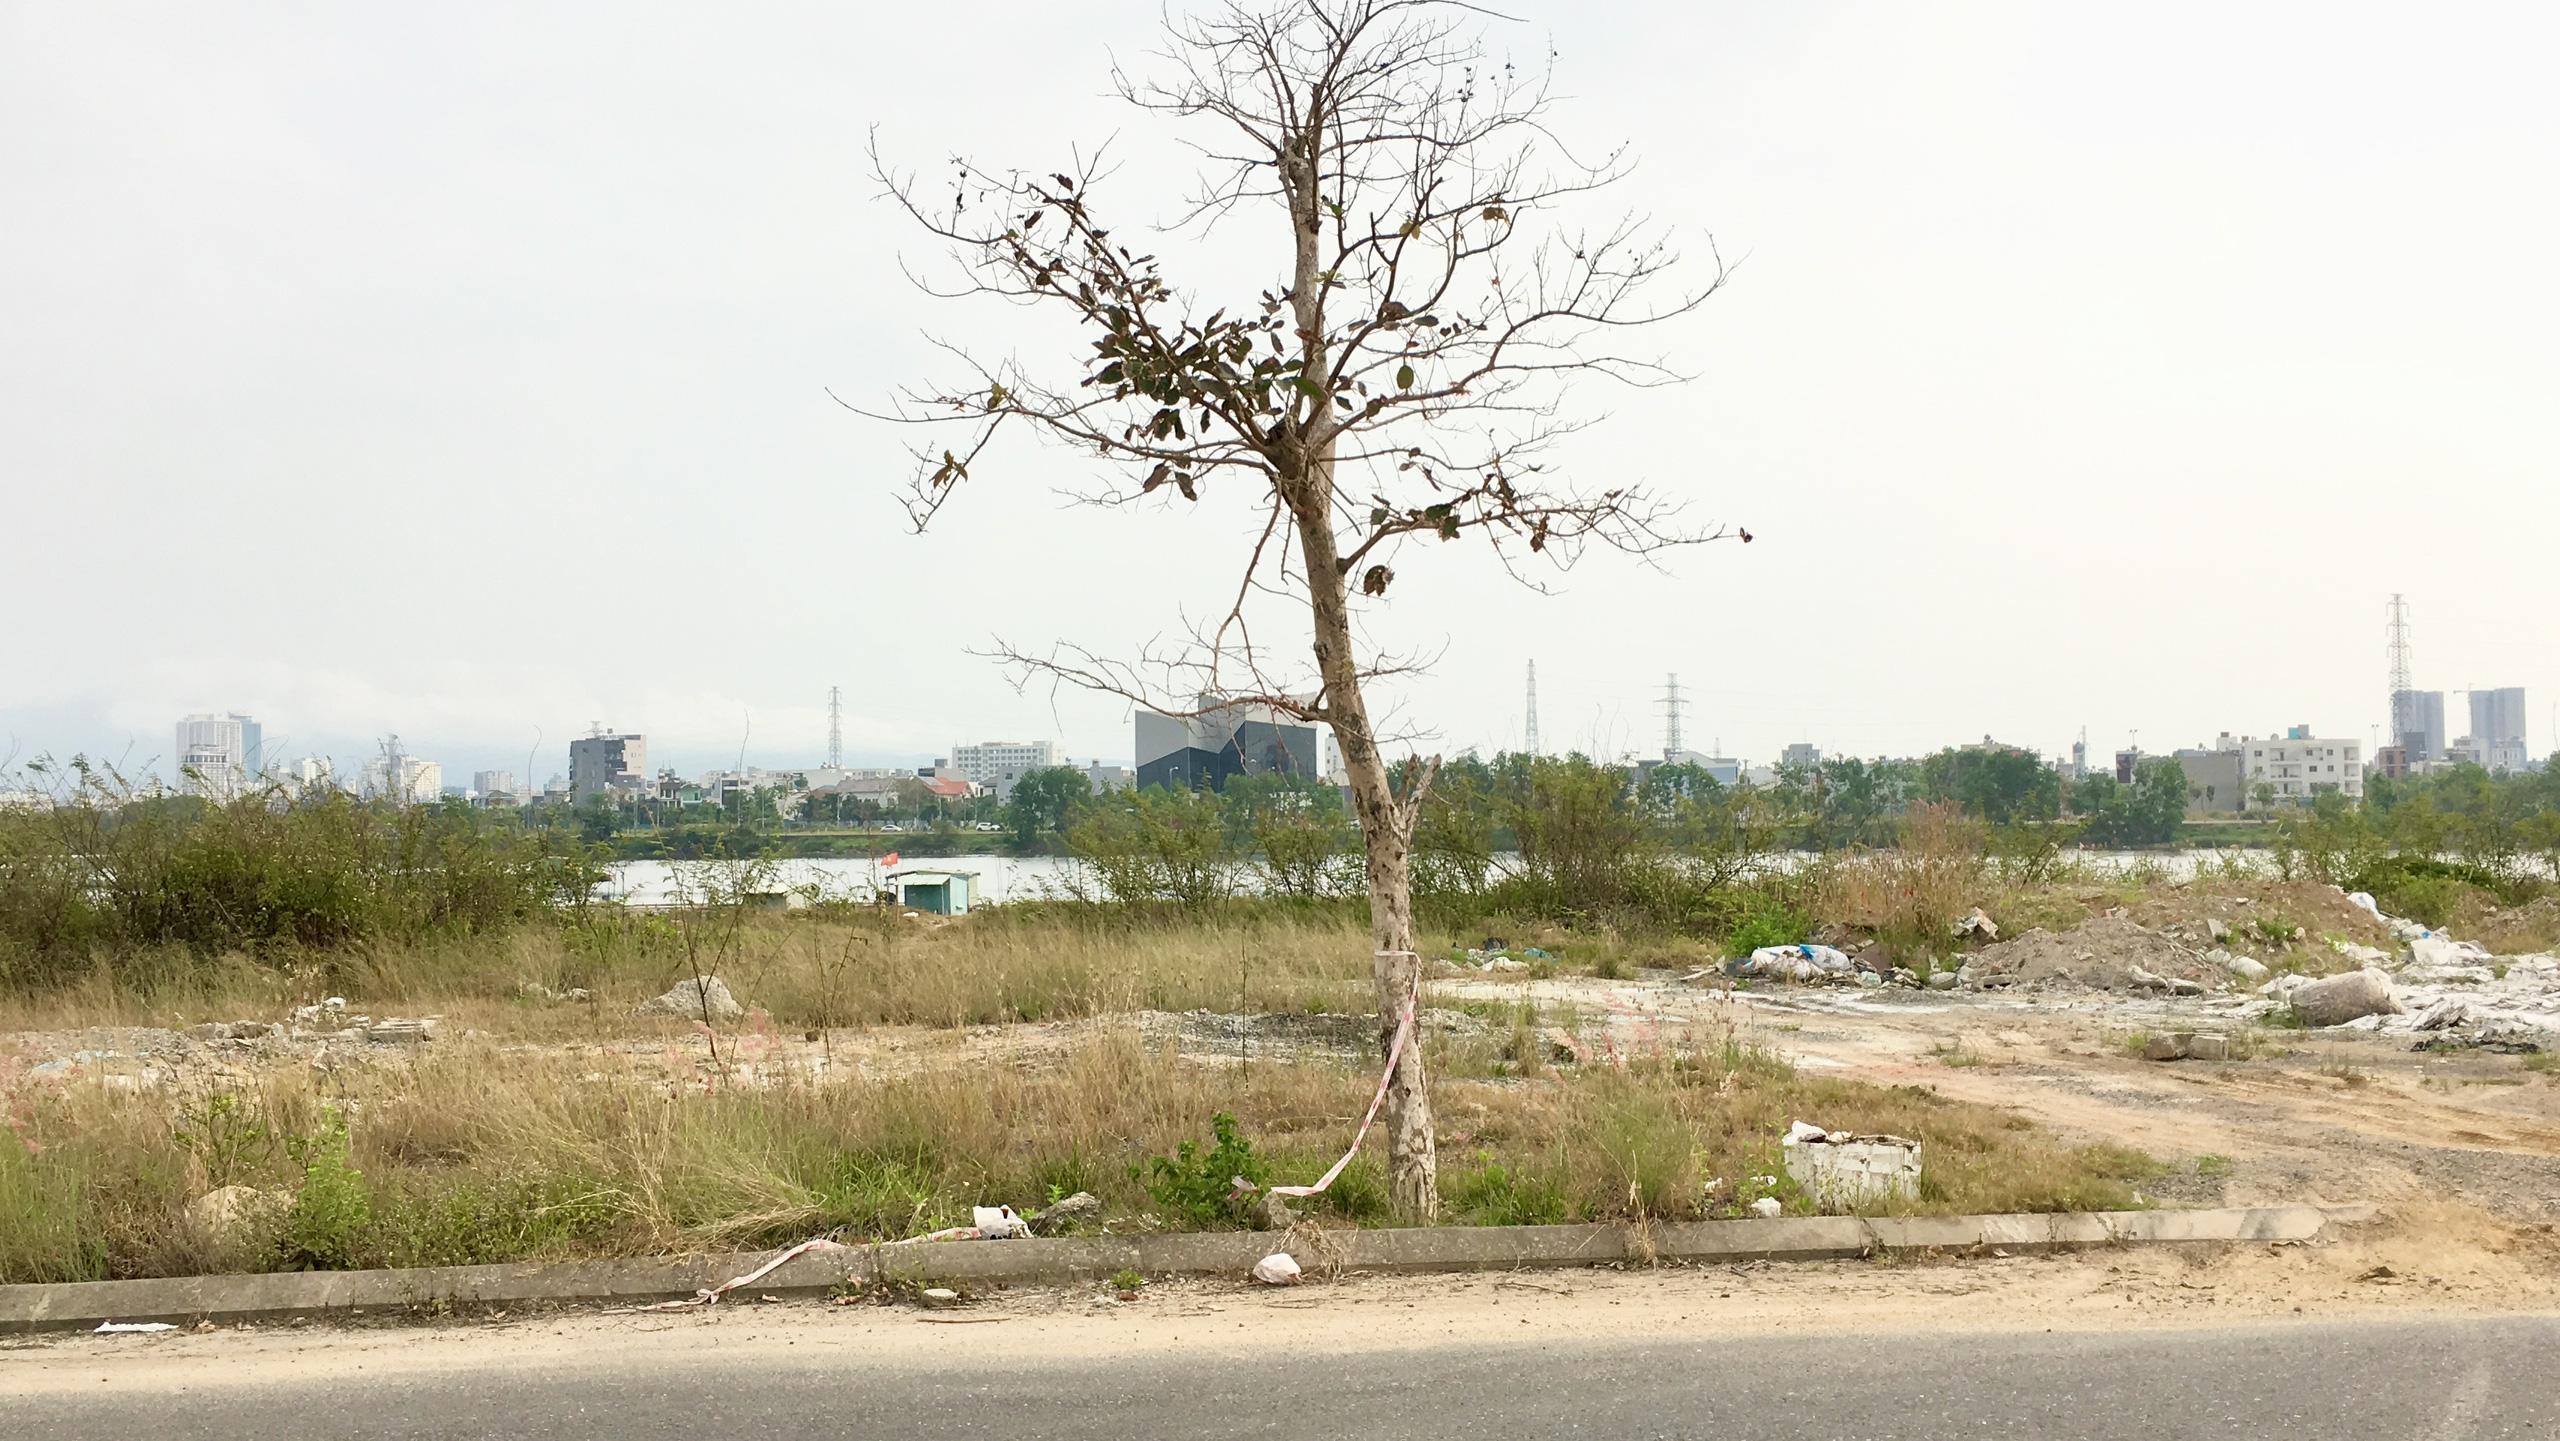 Cận cảnh nơi Đà Nẵng quy hoạch đến 2030 sẽ làm cầu từ đường Bùi Tá Hán qua Hòa Xuân - Ảnh 7.